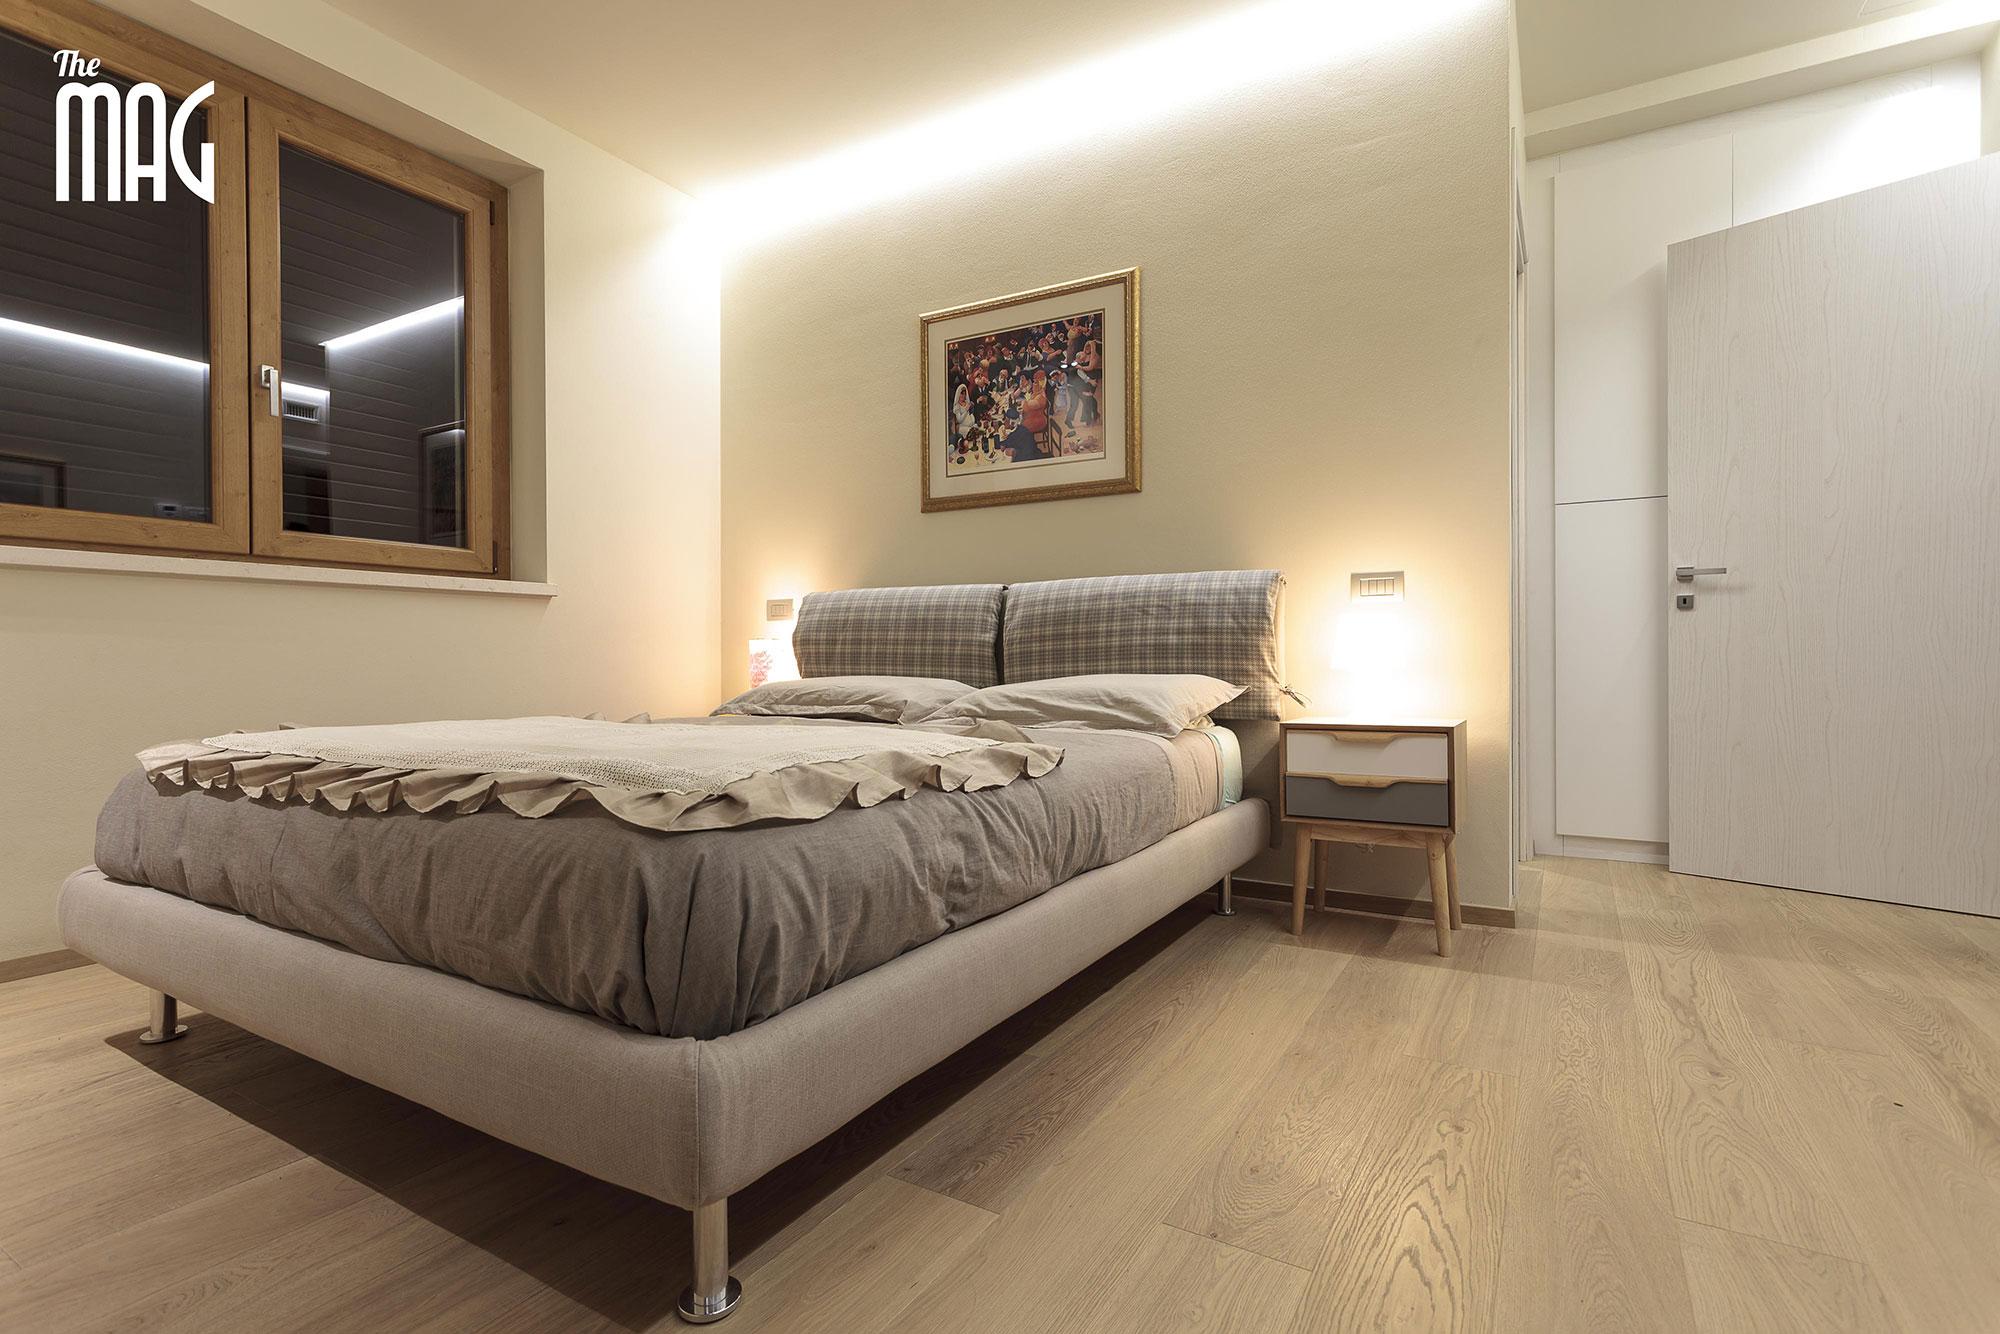 Home Camere Da Letto Ispirazioni Per Camera Da Letto Pictures to pin ...